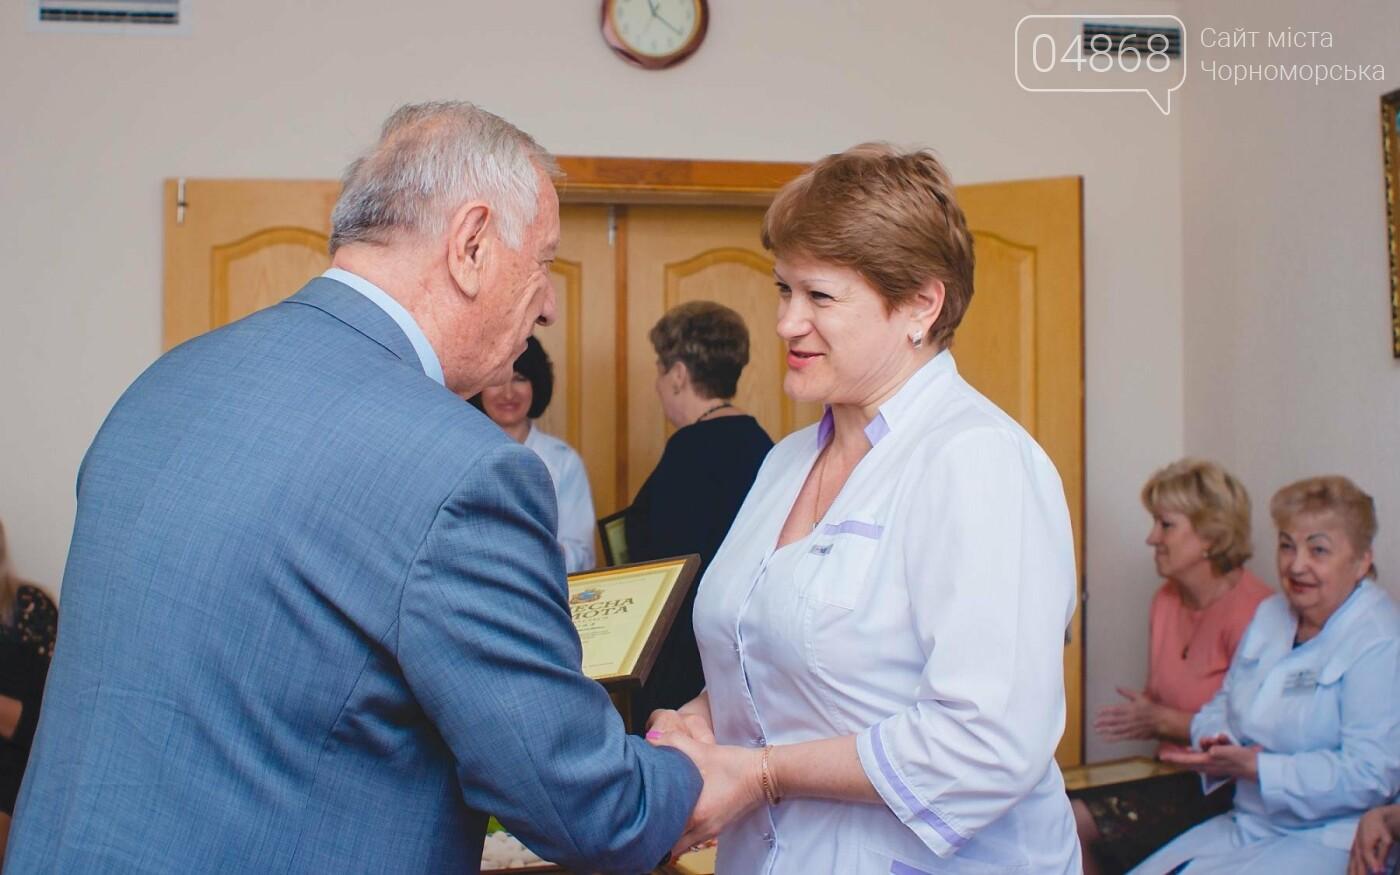 Мэр Черноморска поздравил медиков и посетил новое отделение больницы, фото-17